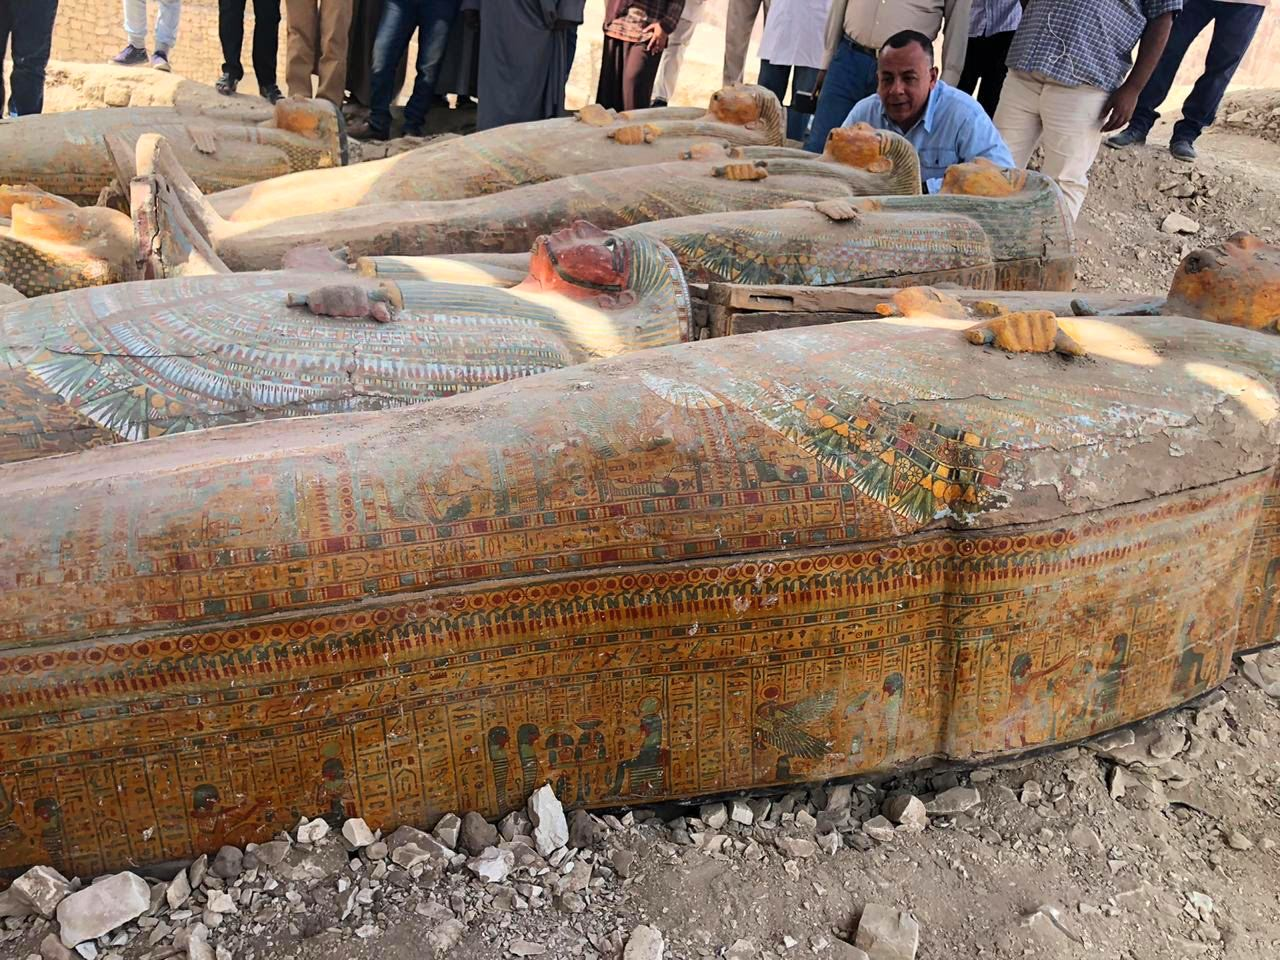 أمين الأعلي للآثار رئيس البعثة المصرية خلال معاينة الخبيئة المكتشفة